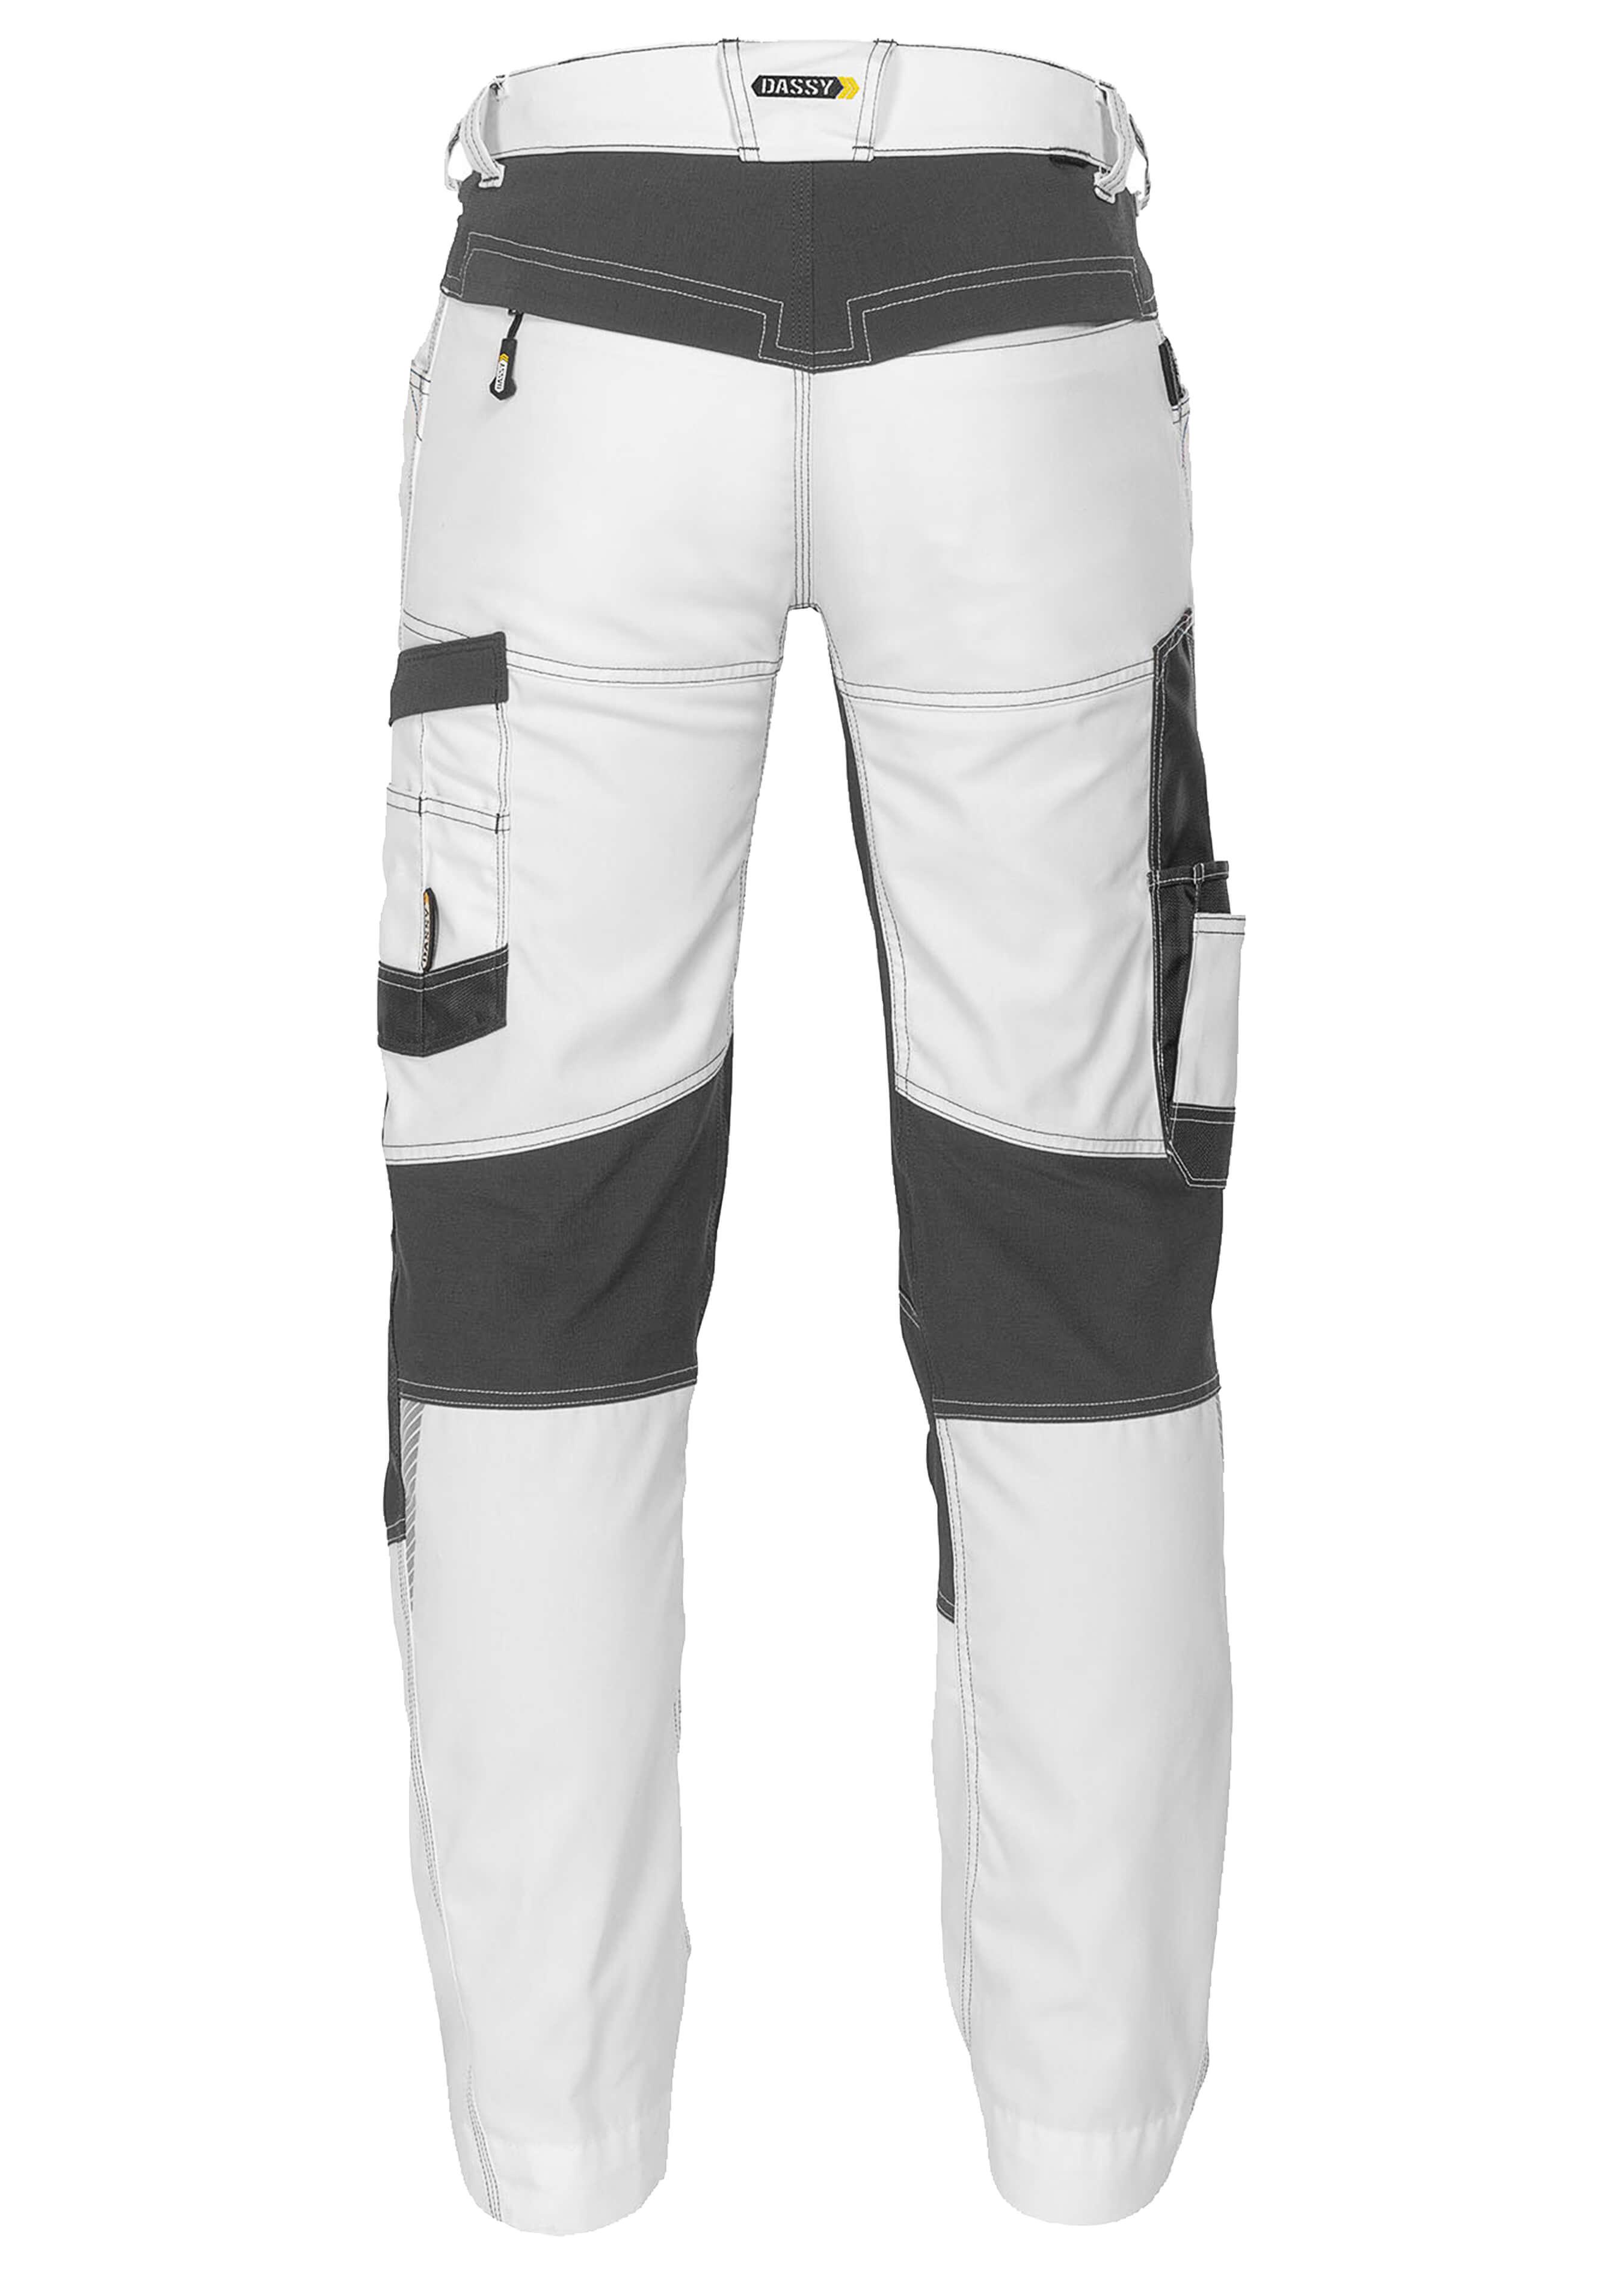 Pantalon de peinture stretch Helix Painters 25581438 2